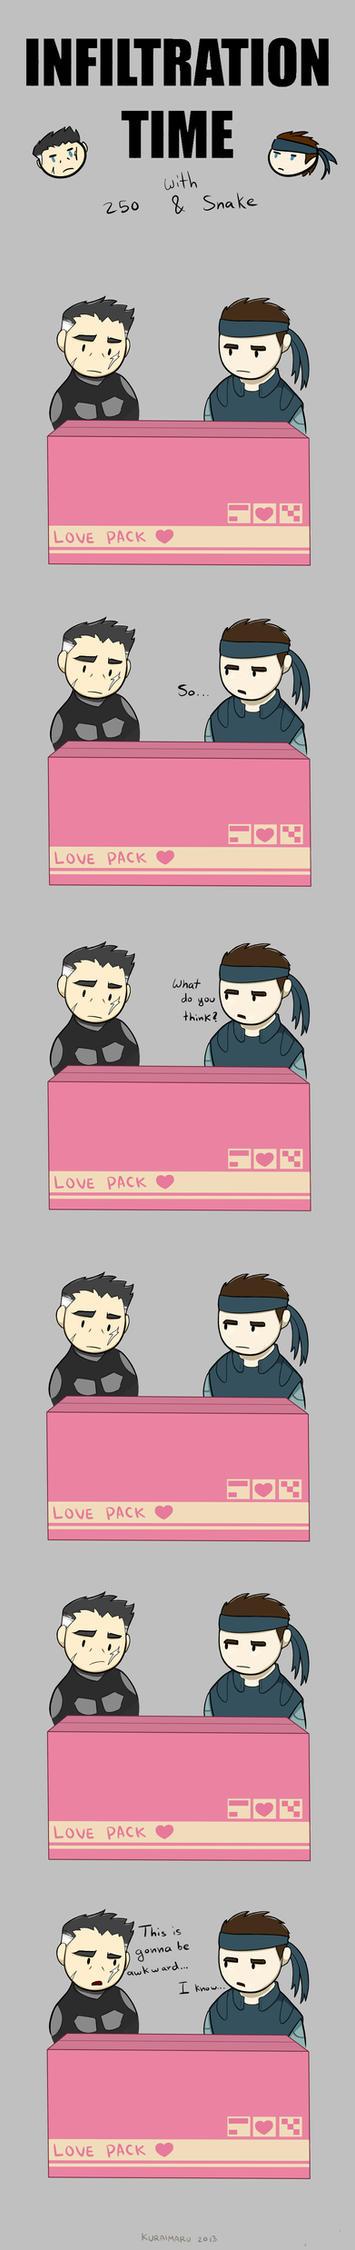 IT: Love Pack by Kuraimaru